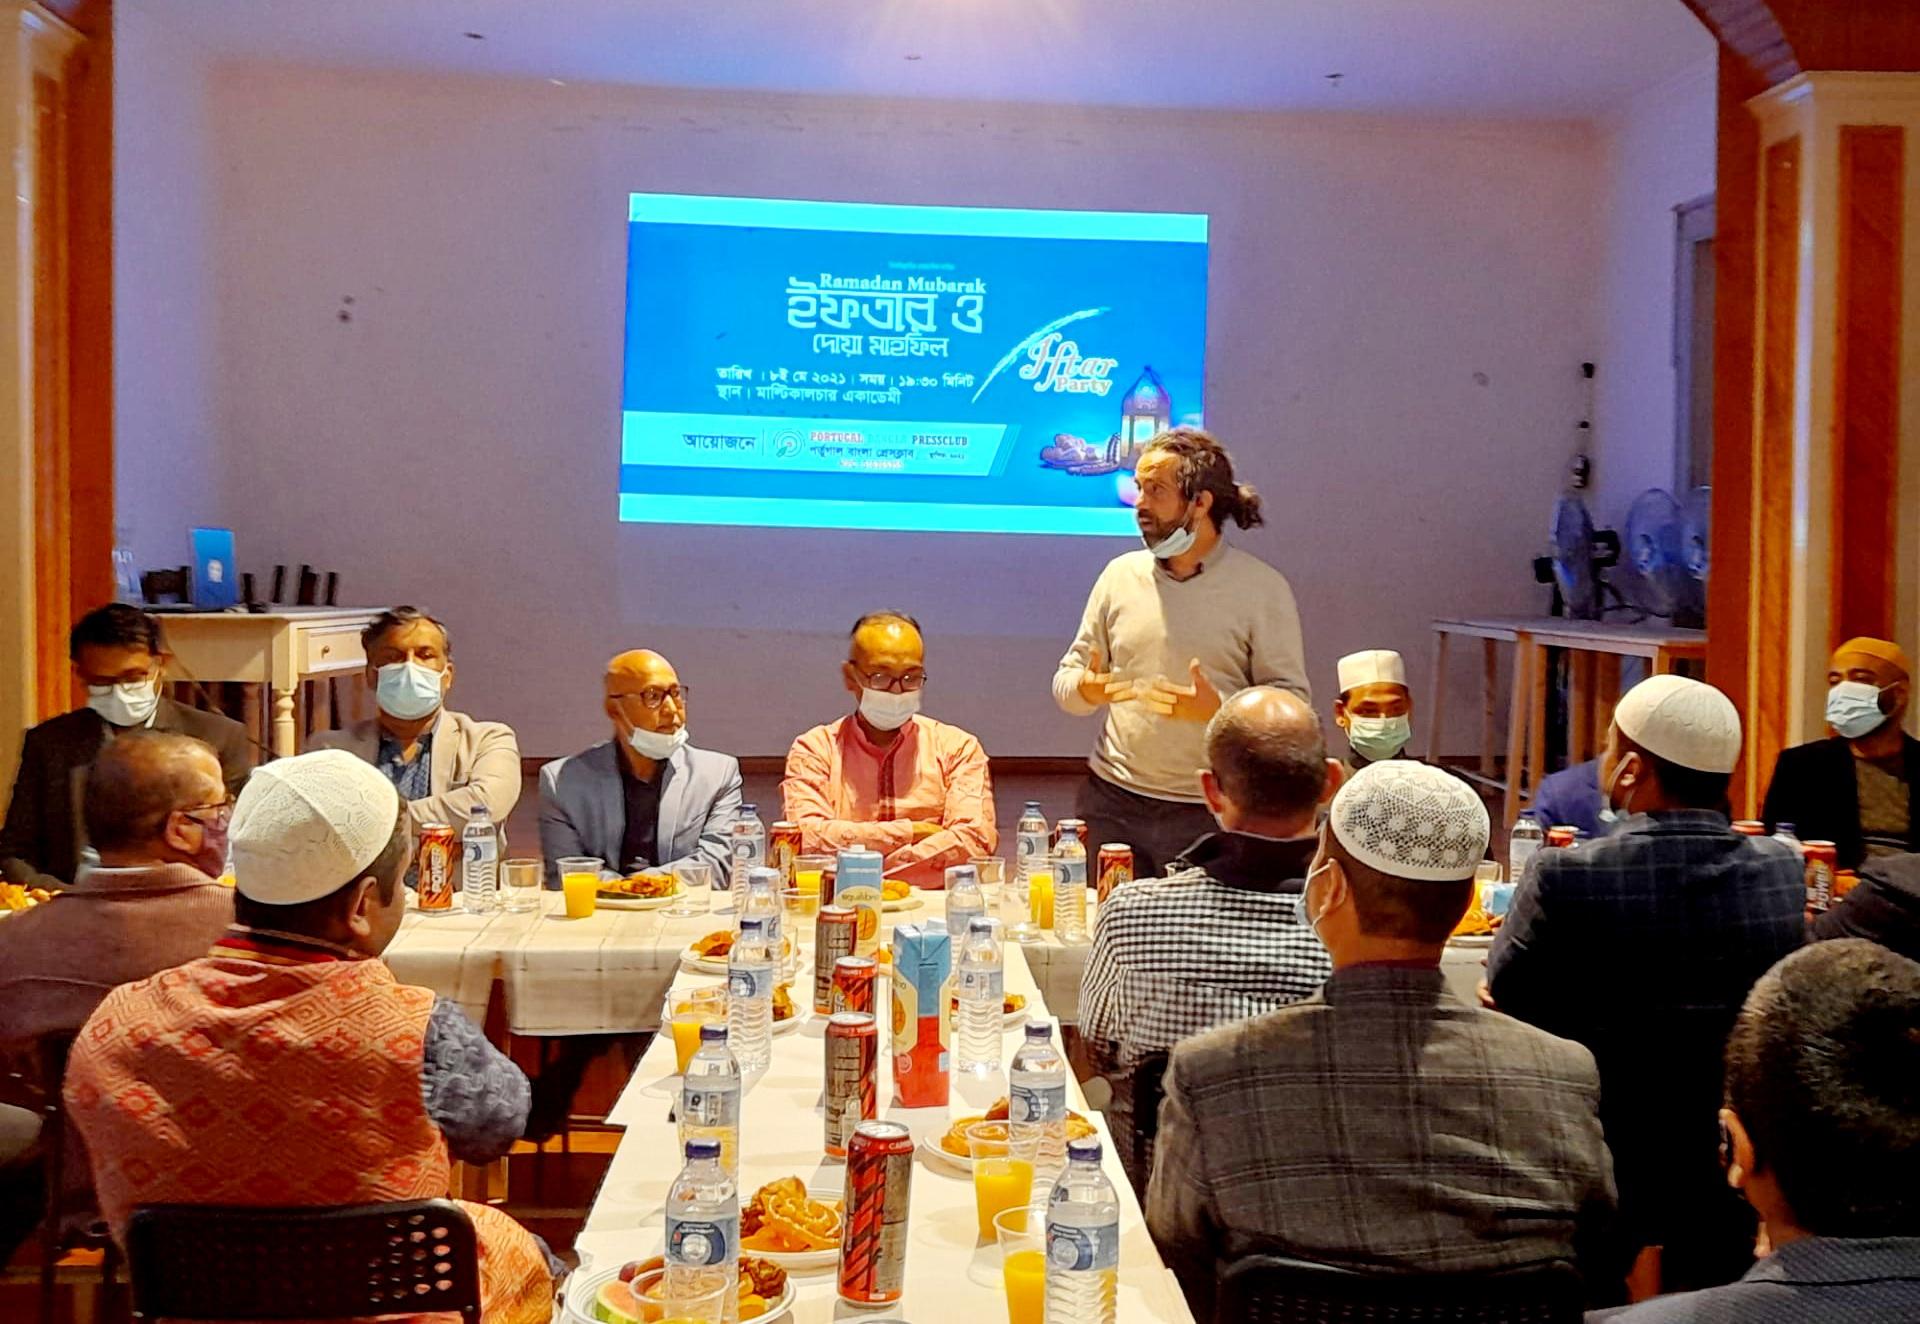 পর্তুগাল বাংলা প্রেসক্লাবের দোয়া ও ইফতার মাহফিল অনুষ্ঠিত